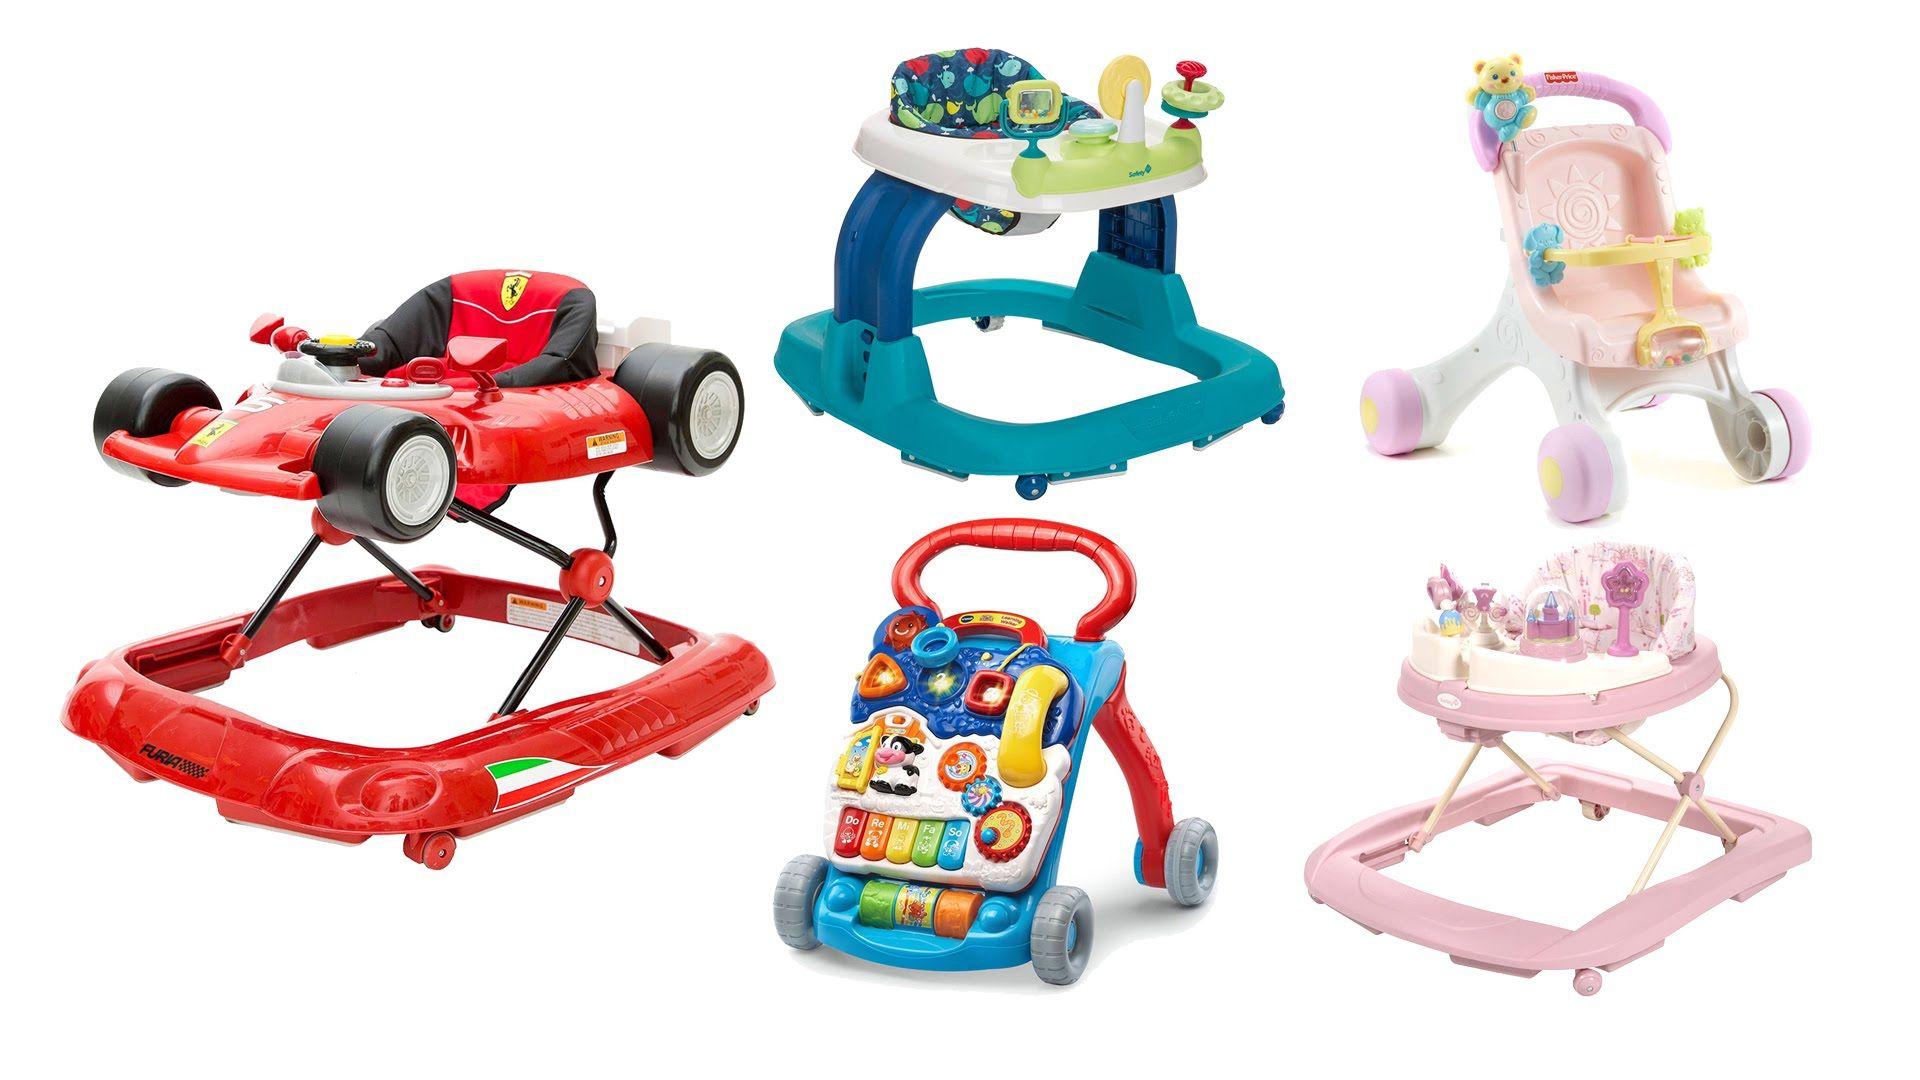 5 Best Baby Walker For Carpet Best Walker For Baby Learning To Walk Baby Learning Baby Walker Buy Online Products